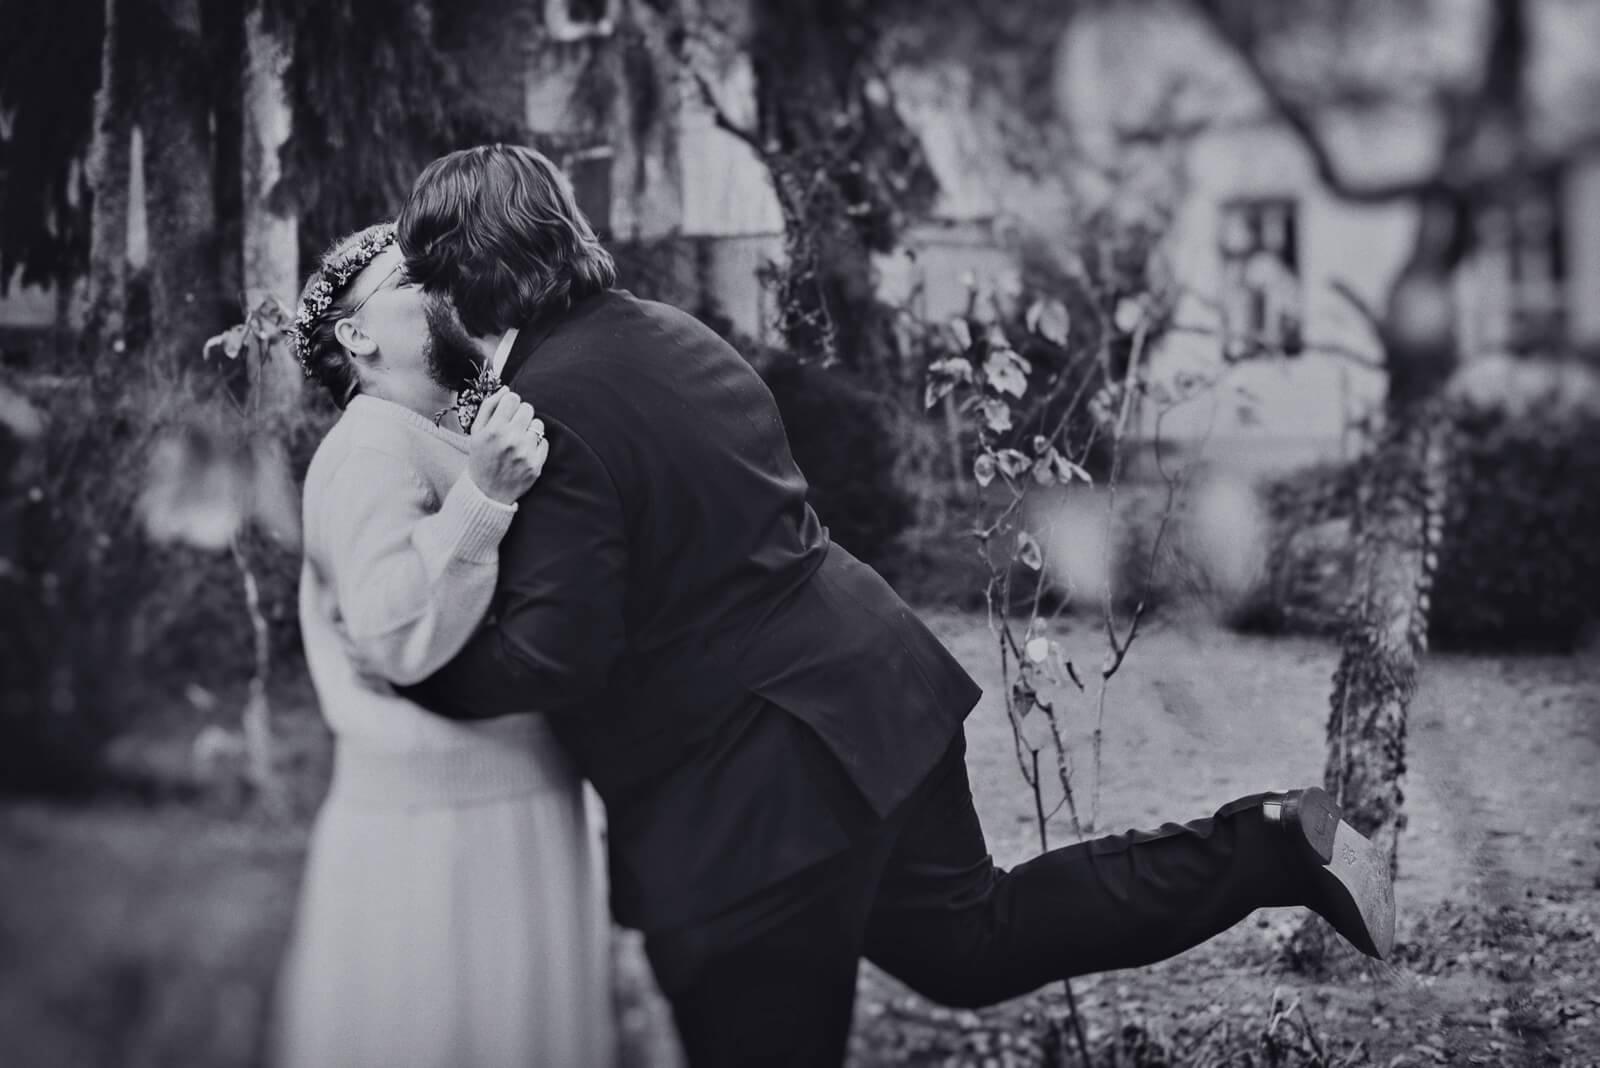 schnell noch ein kuss (foto: markus maierhofer)